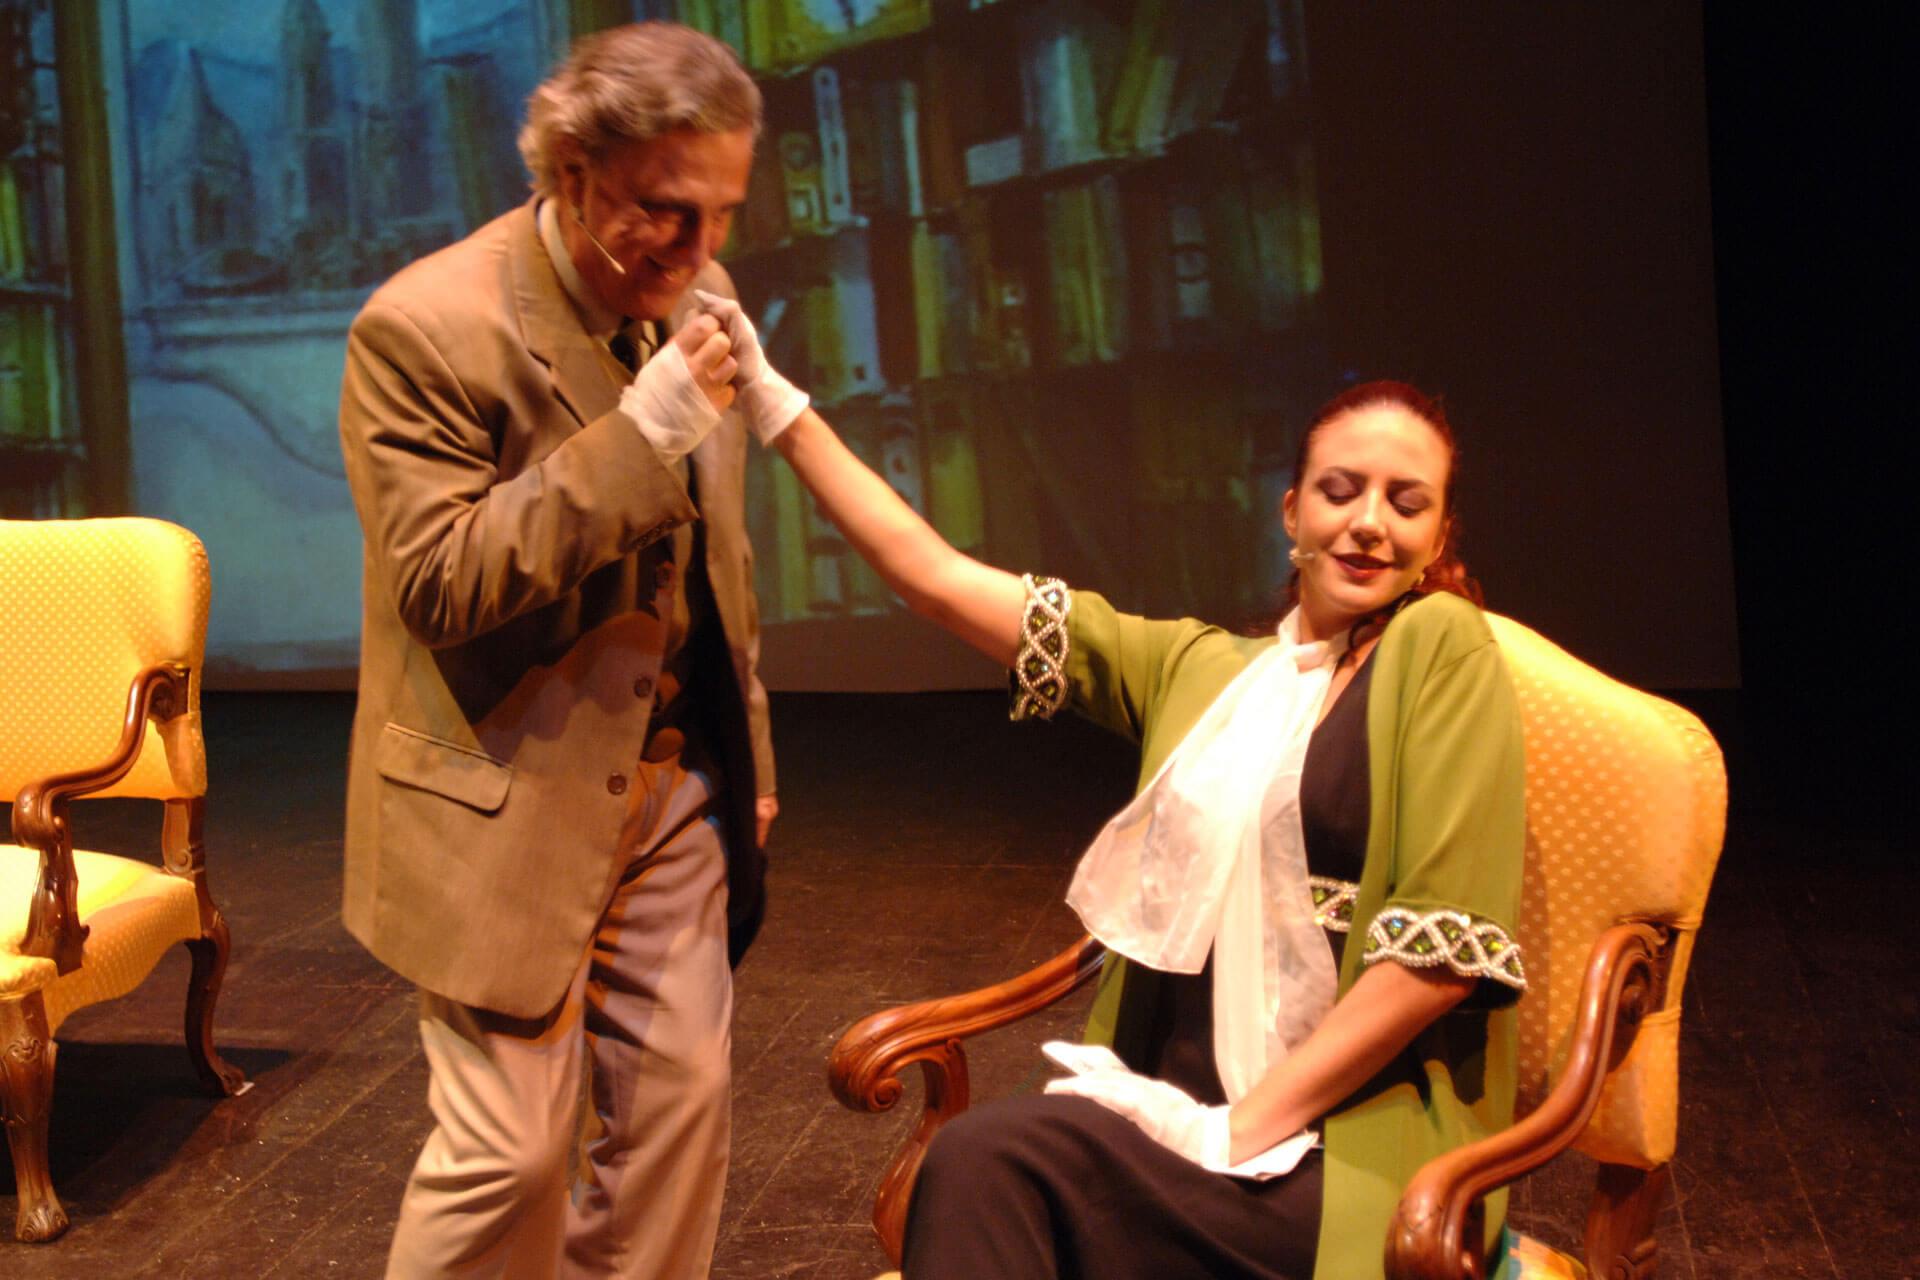 gruppo-teatro-colli-il-successo-2006-2